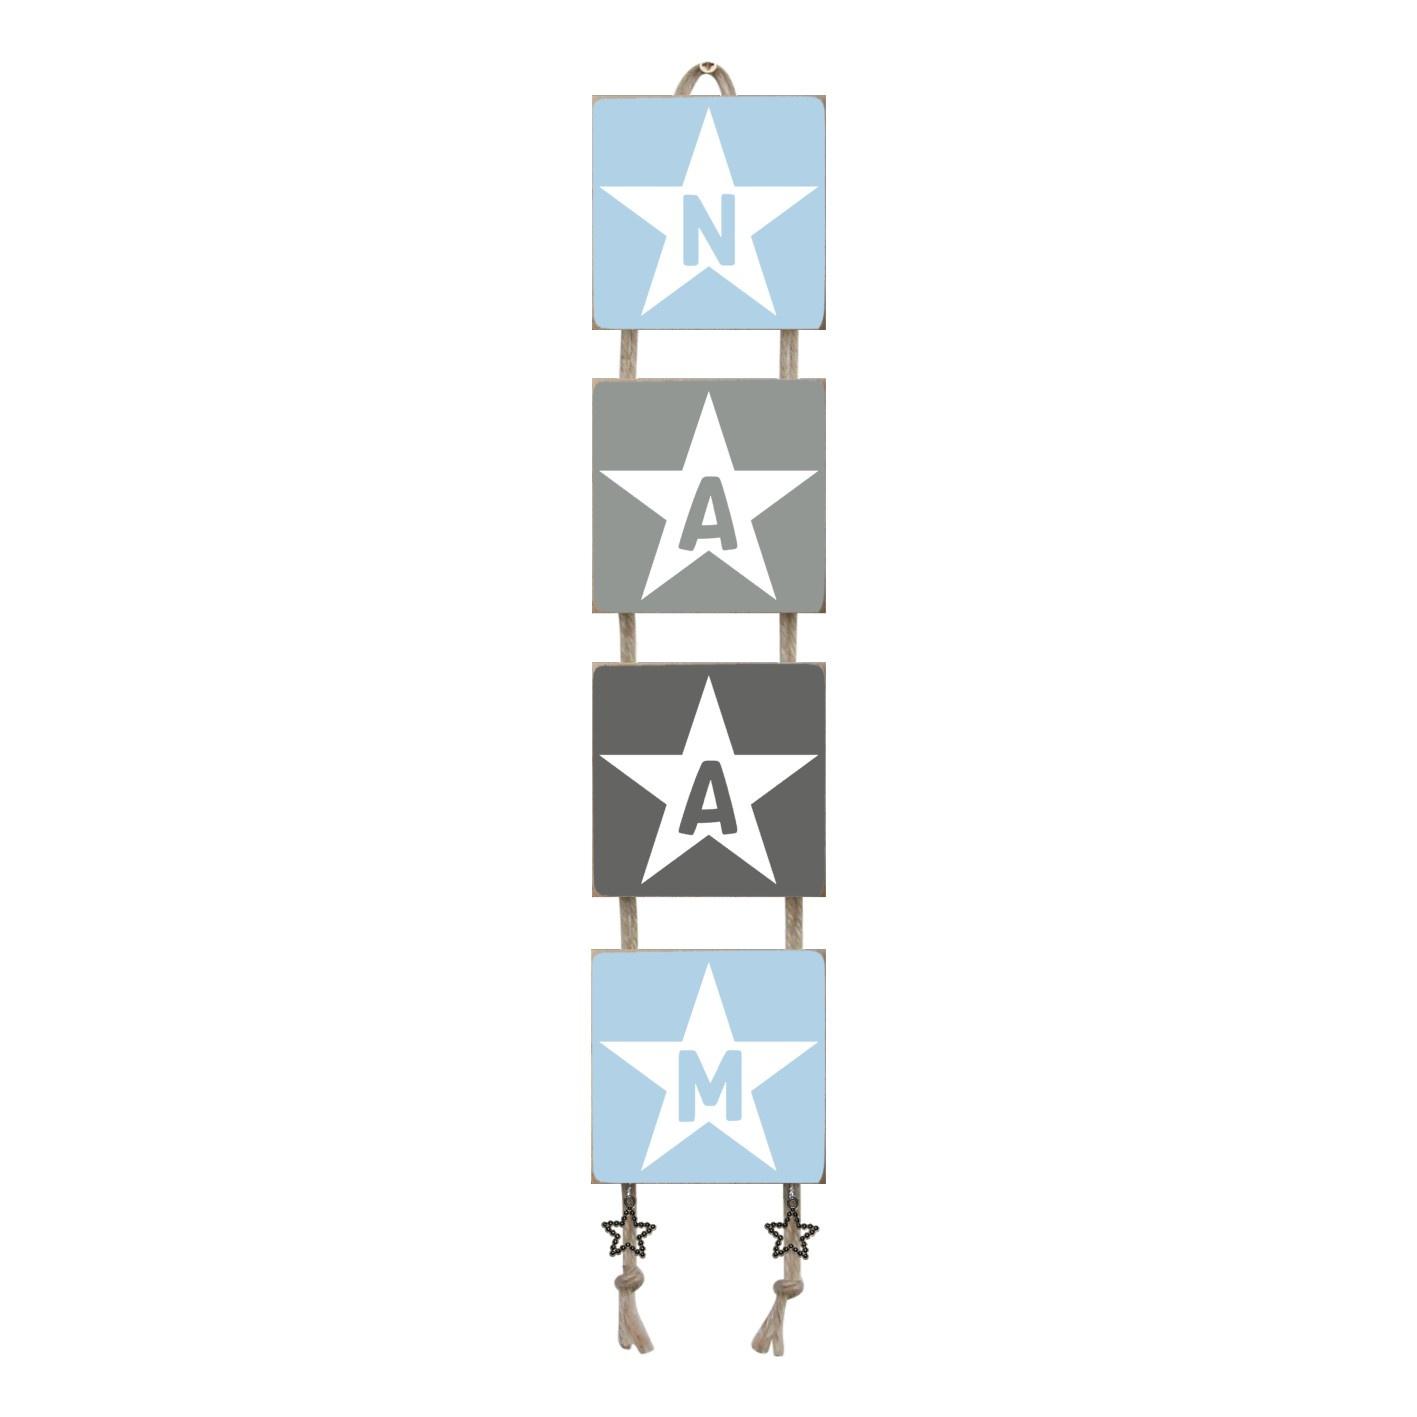 Naamladderlichtblauw/grijstinten ster